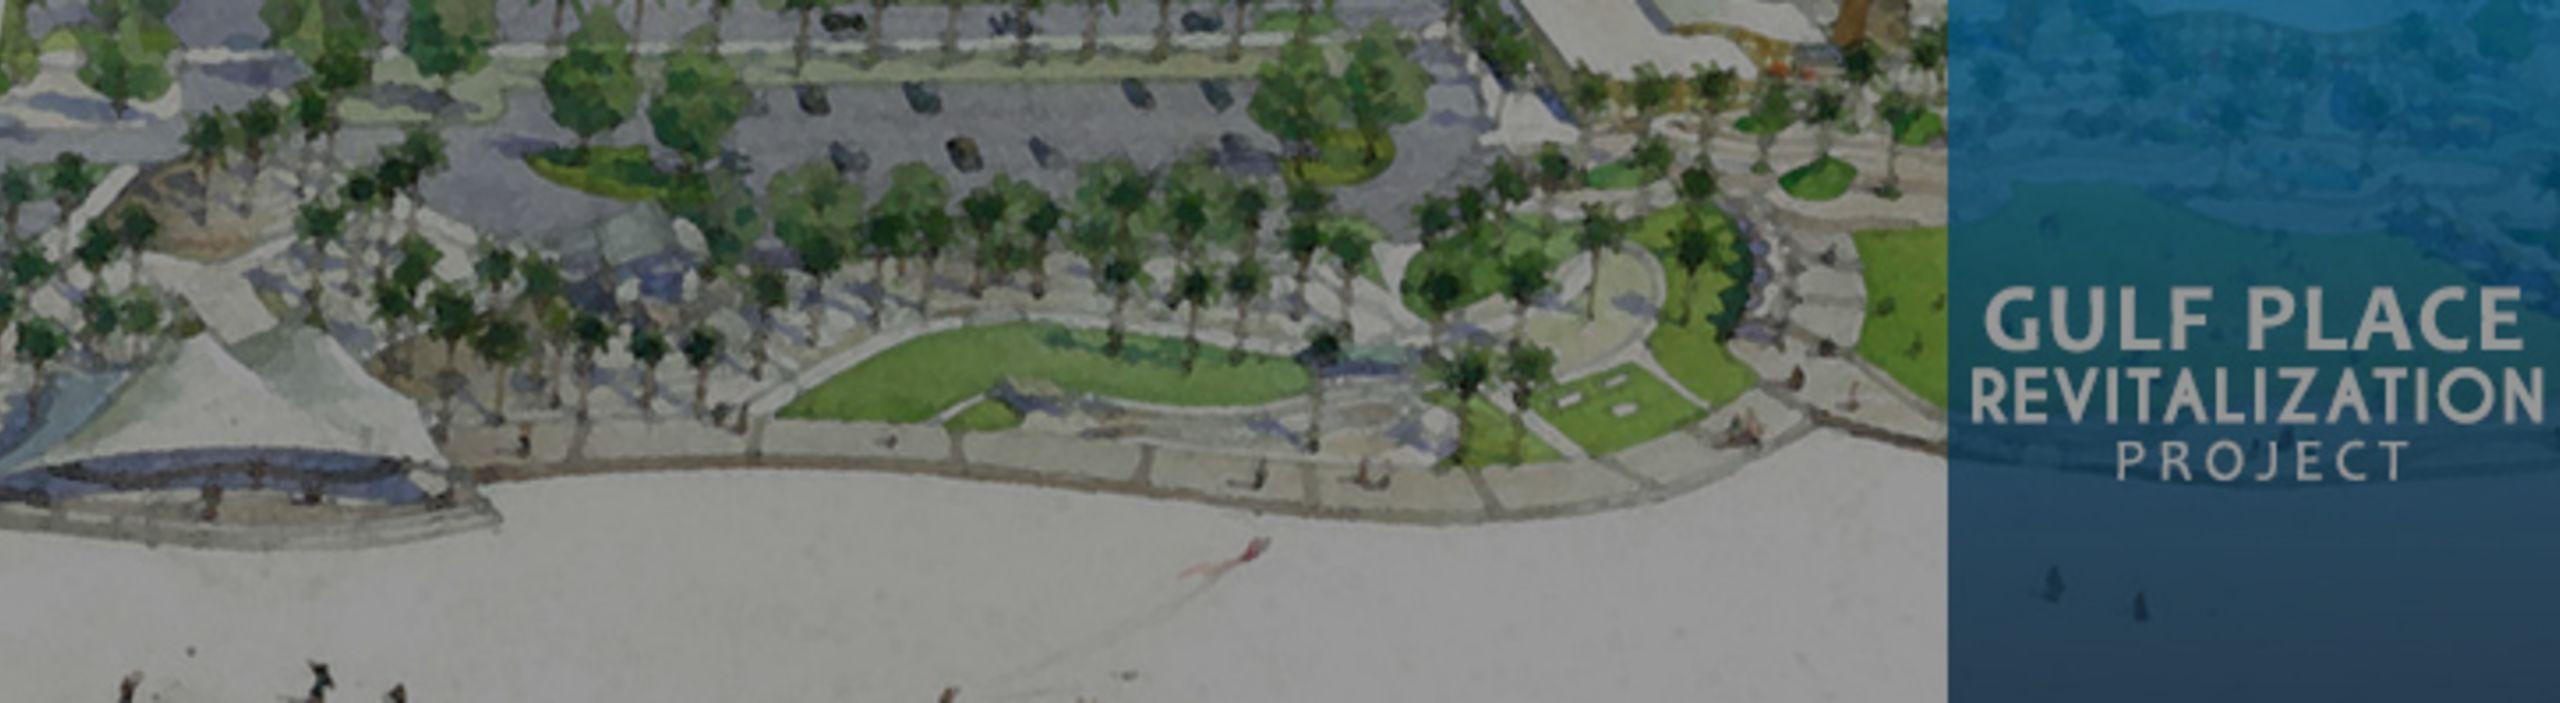 $15 million Gulf Shores Revitalization Project